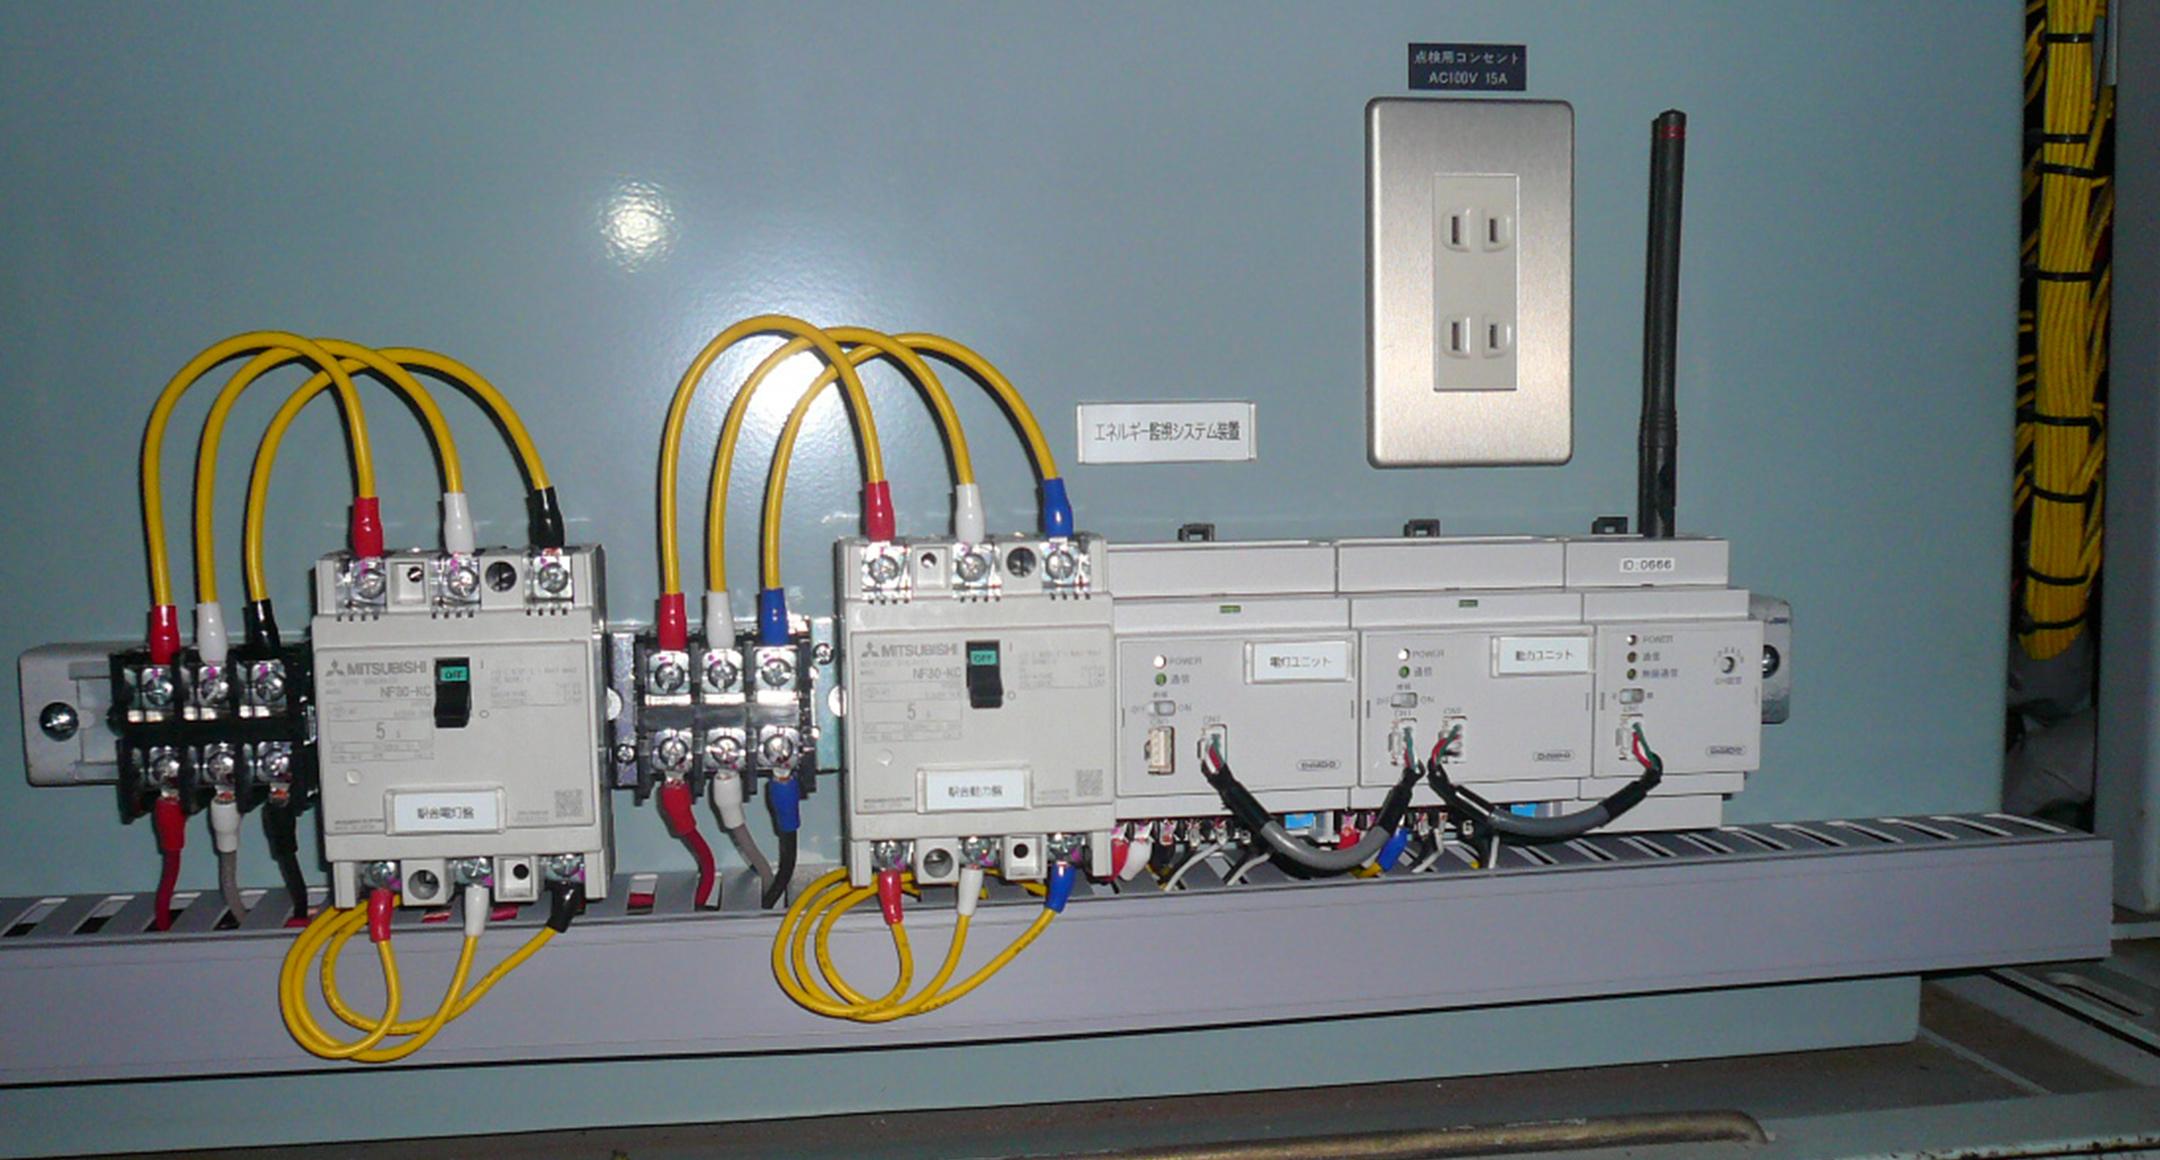 DINモジュールボックス H53シリーズの画像